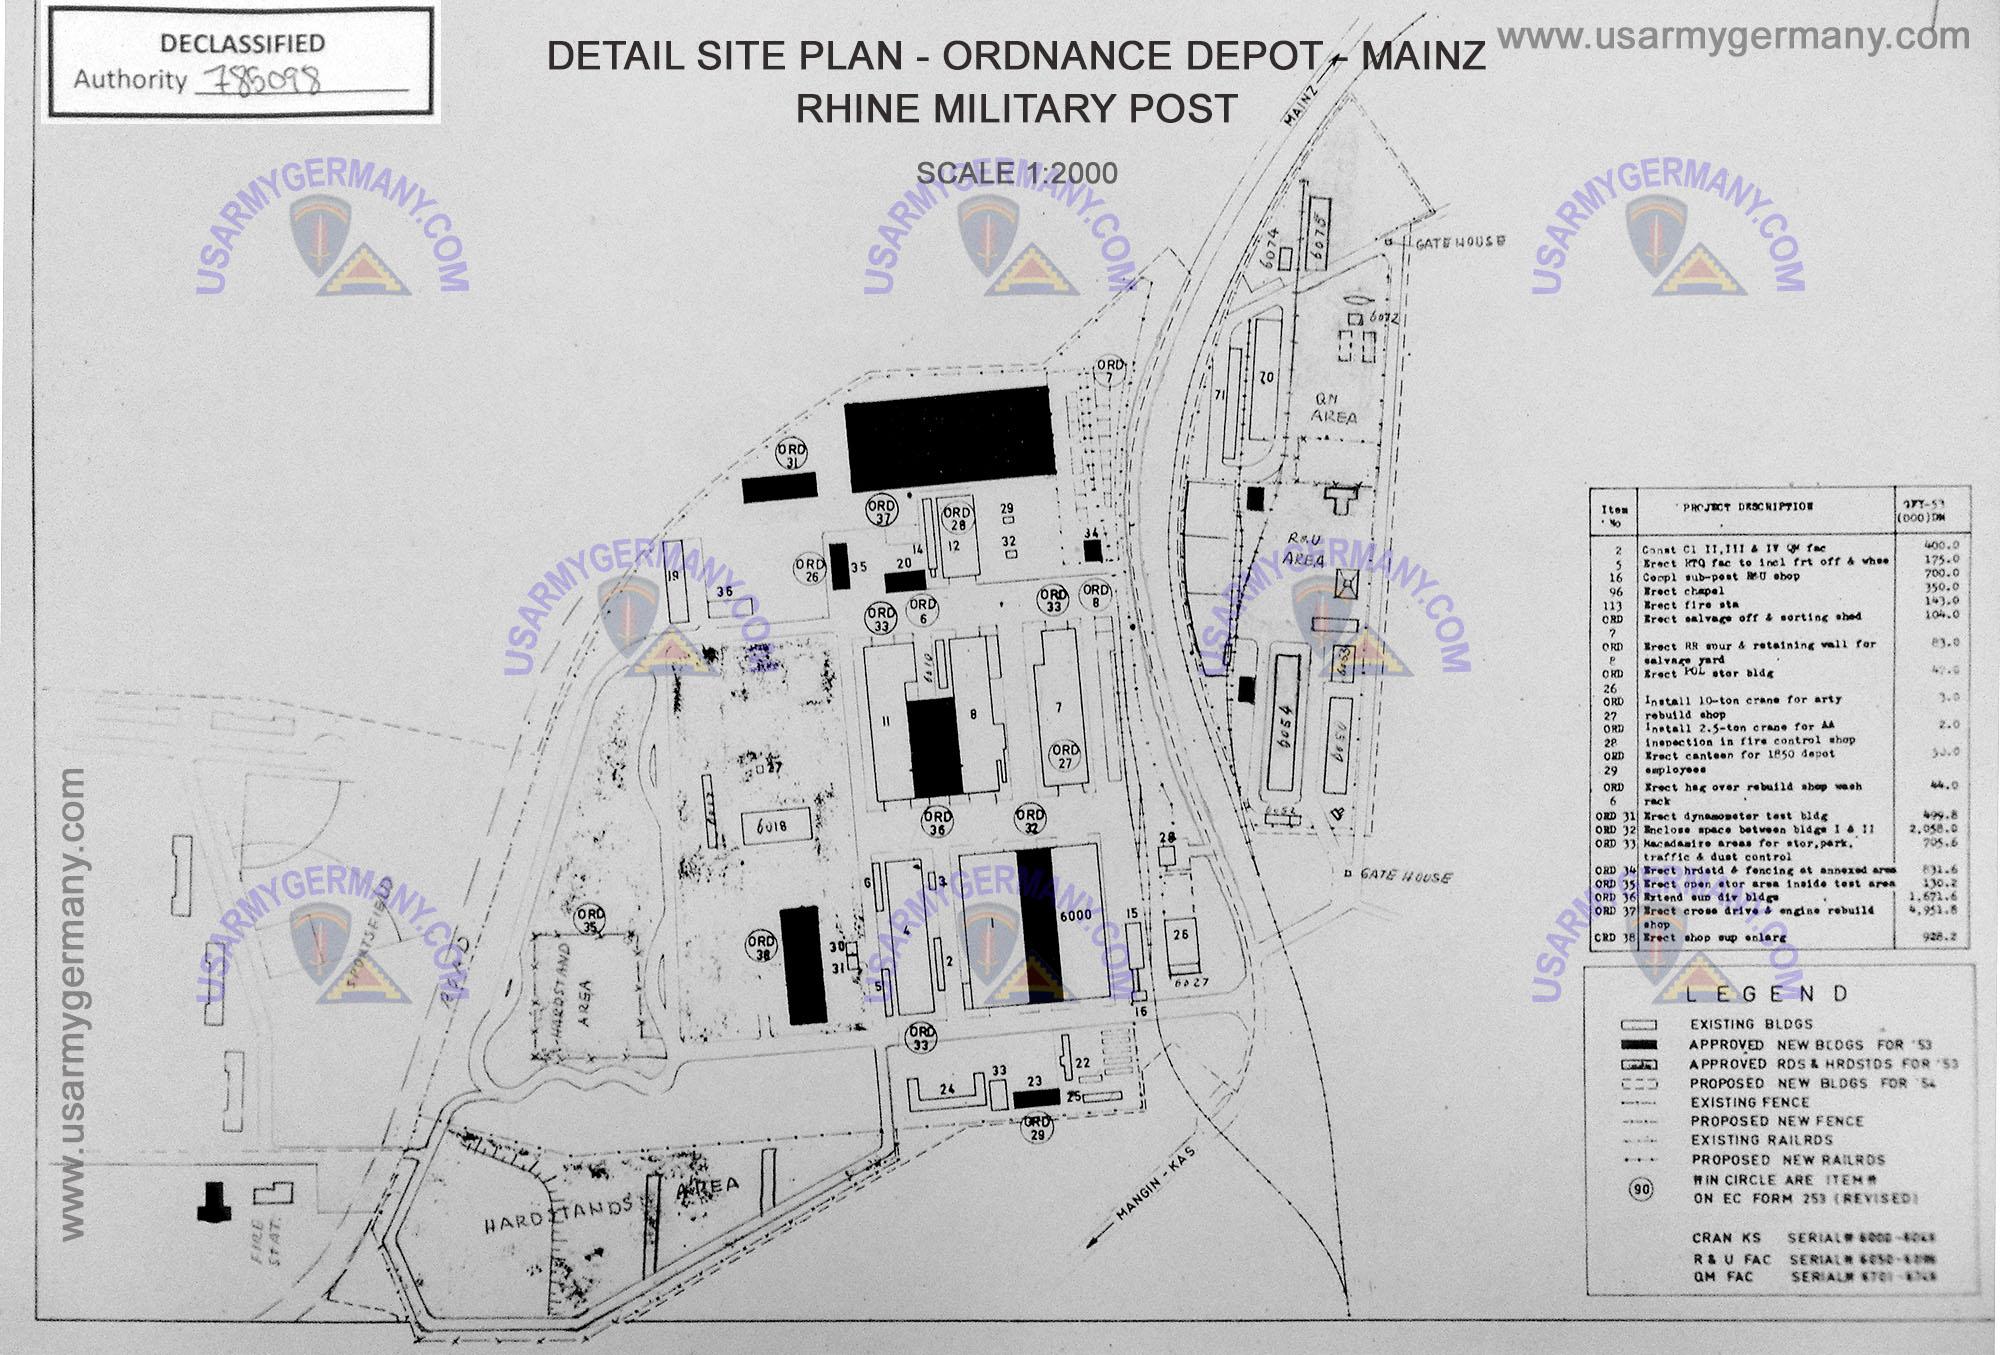 Usareur Installation Maps Mainz Depot